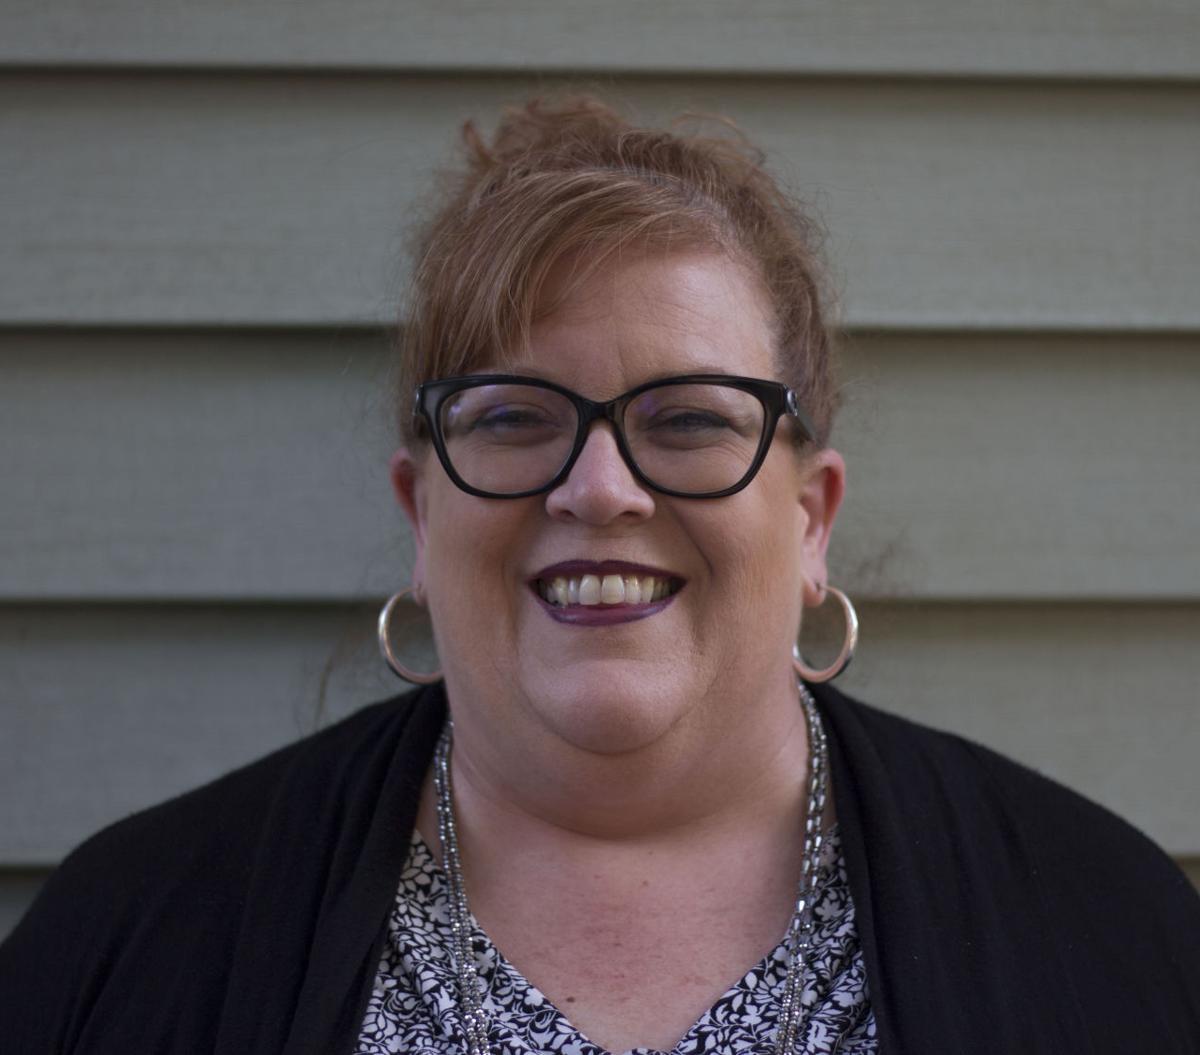 Jonesboro to swear in council, mayor at First Baptist Church